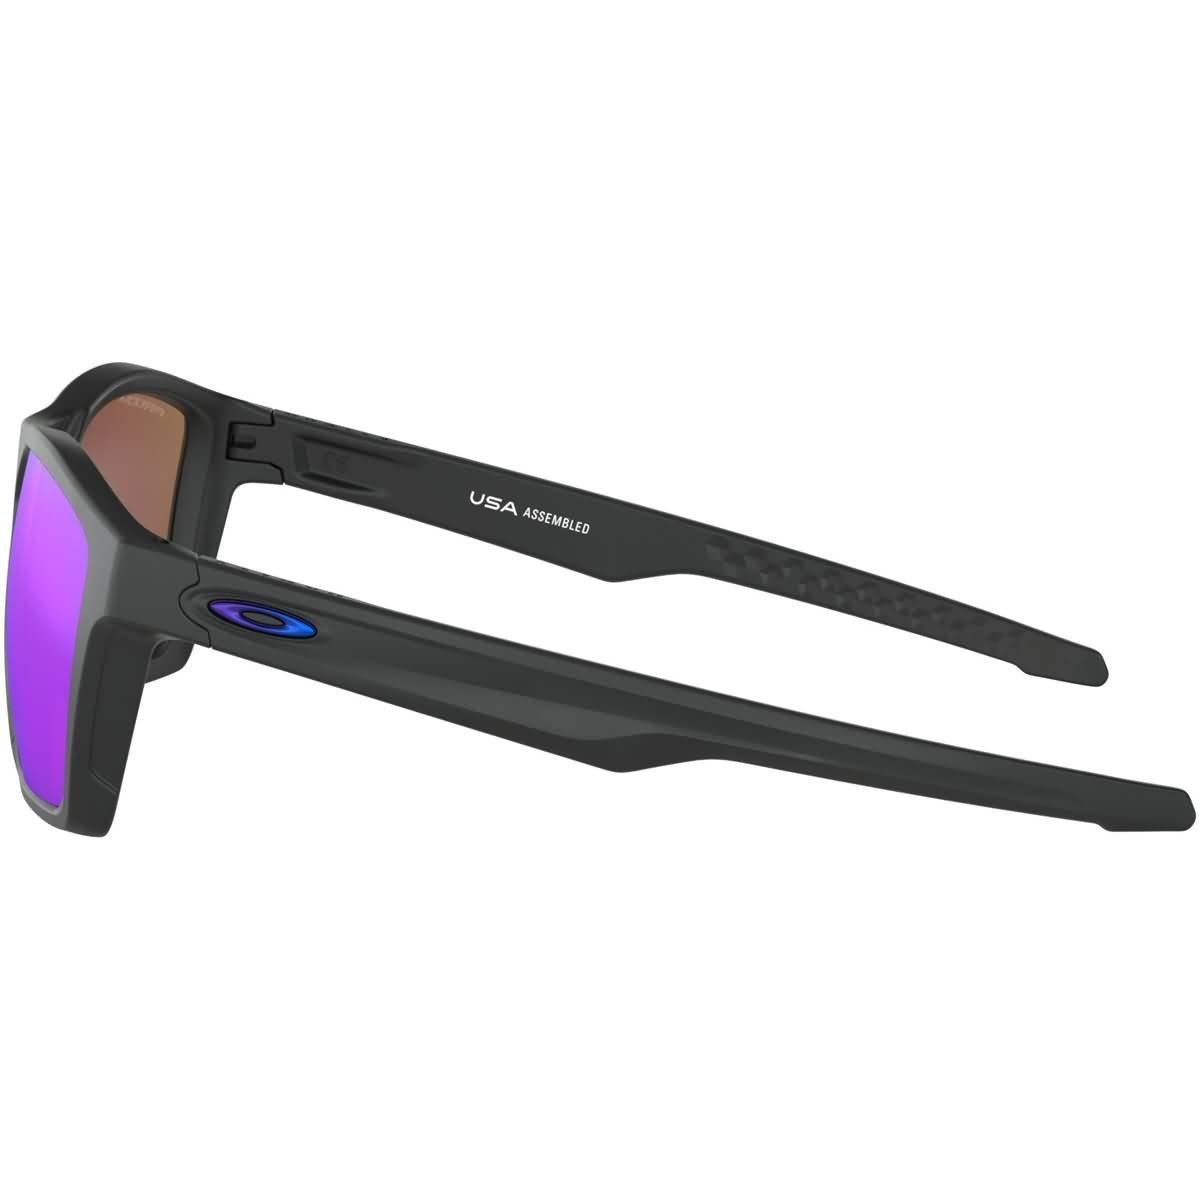 893f2645a2e30 Amazon.com  Oakley Men s Targetline Non-Polarized Iridium Square  Sunglasses